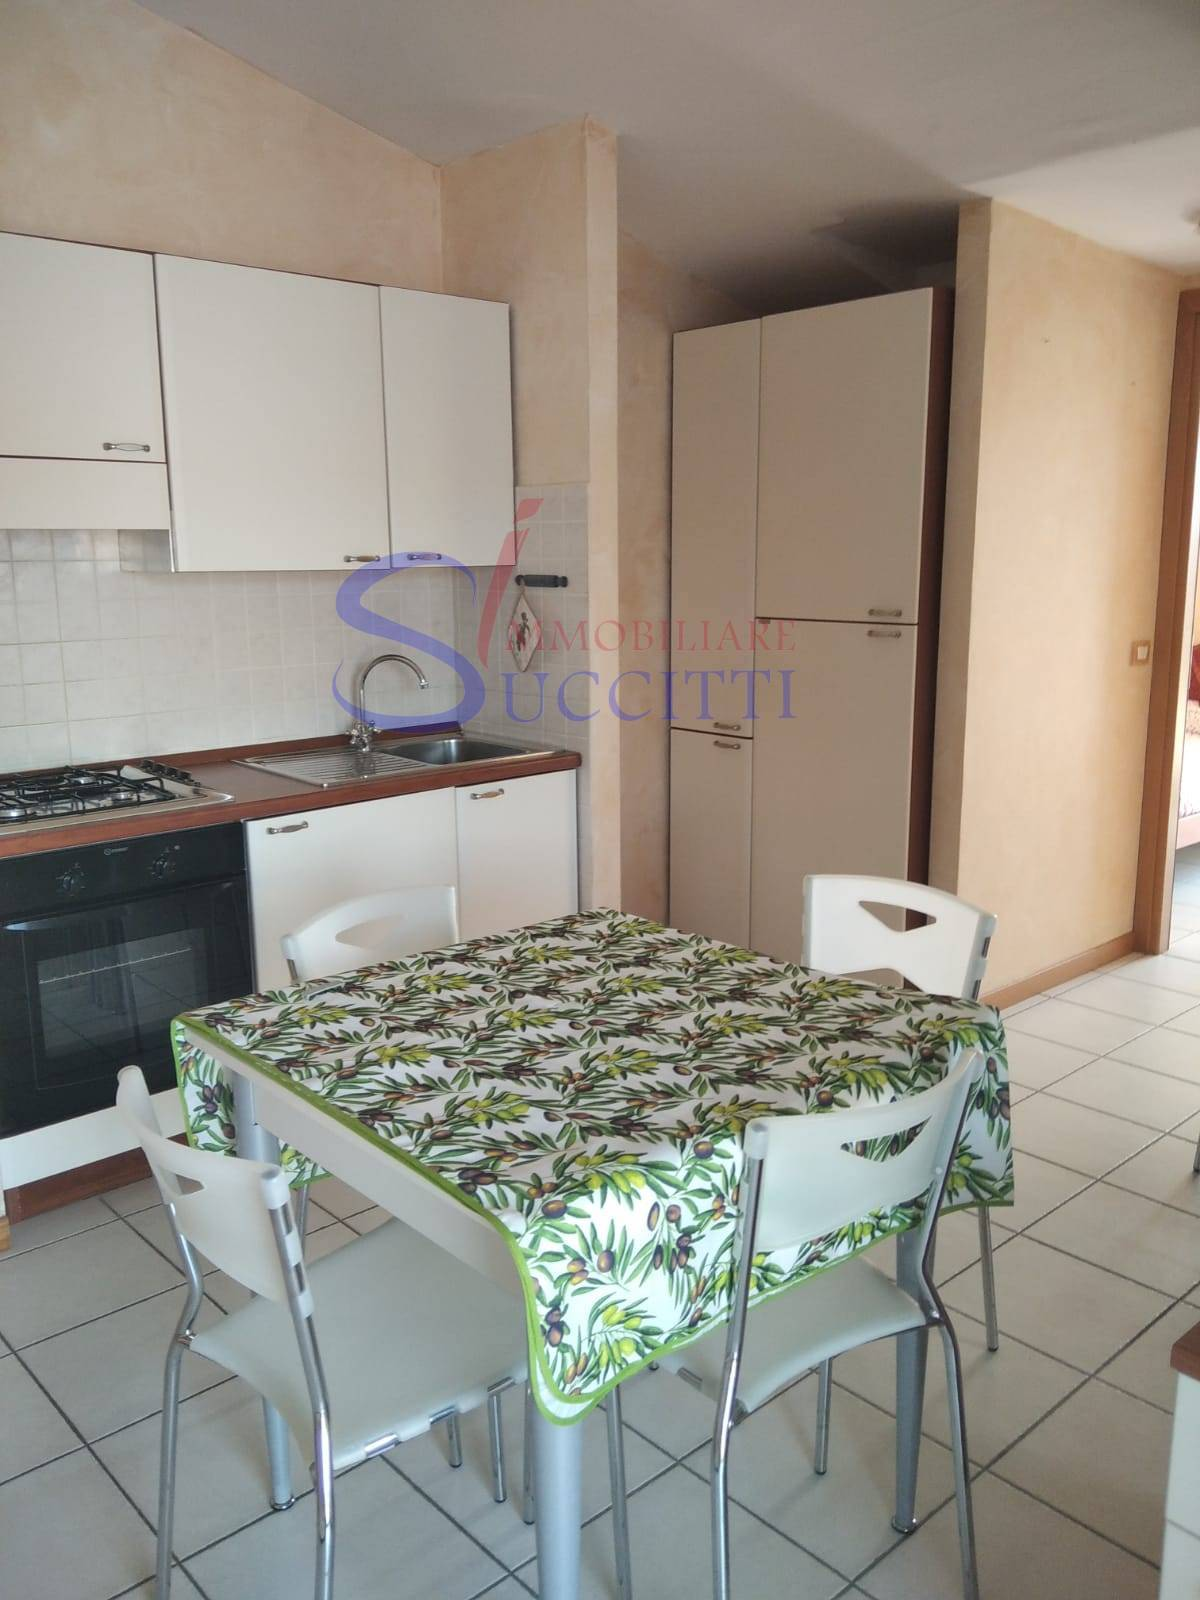 Appartamento in affitto a Tortoreto, 3 locali, zona Località: TortoretoLido, Trattative riservate | CambioCasa.it